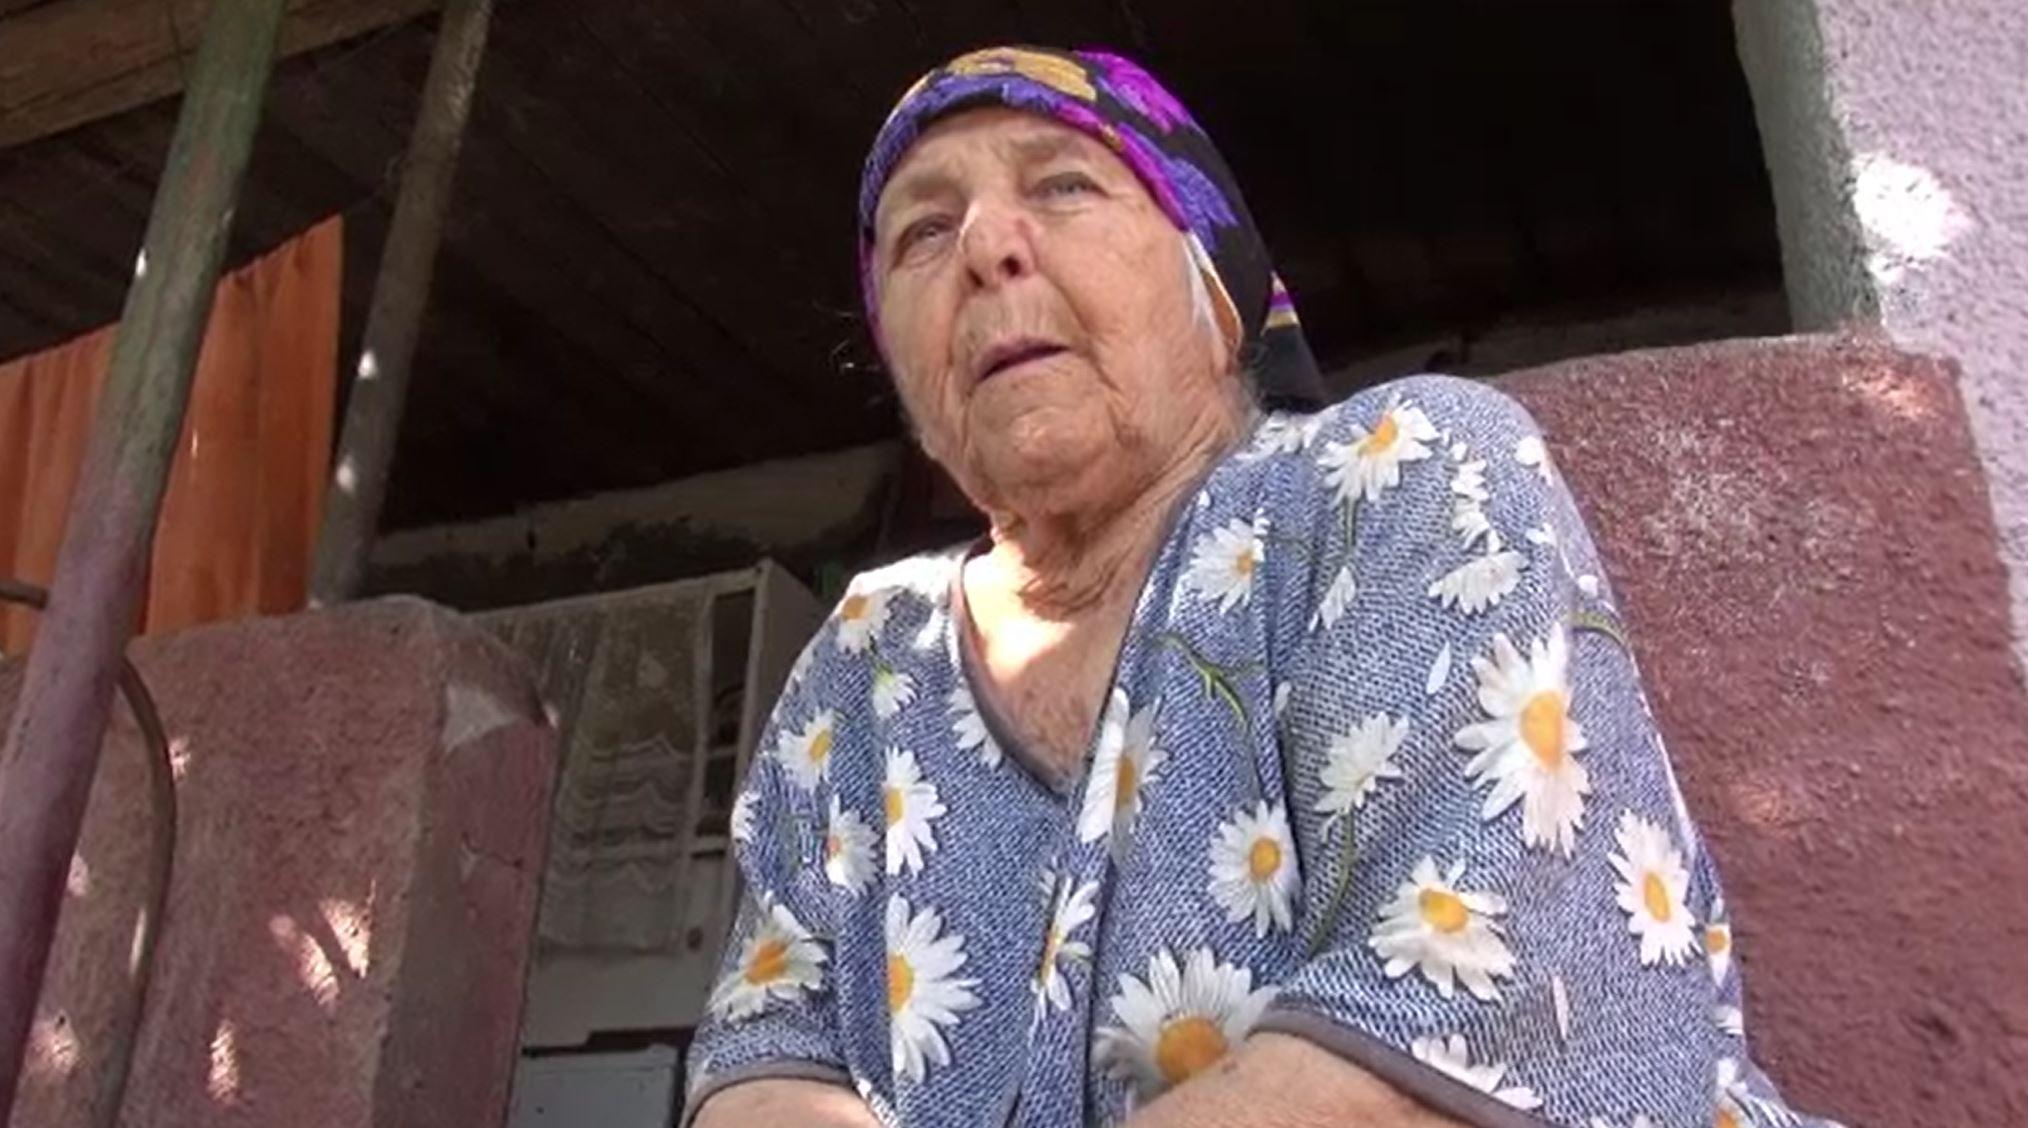 """Bătrână din Bacău, tâlhărită de un bărbat care i-a furat 30 de mii de lei din casă. """"Să îi dau banii să se ducă să bea"""""""